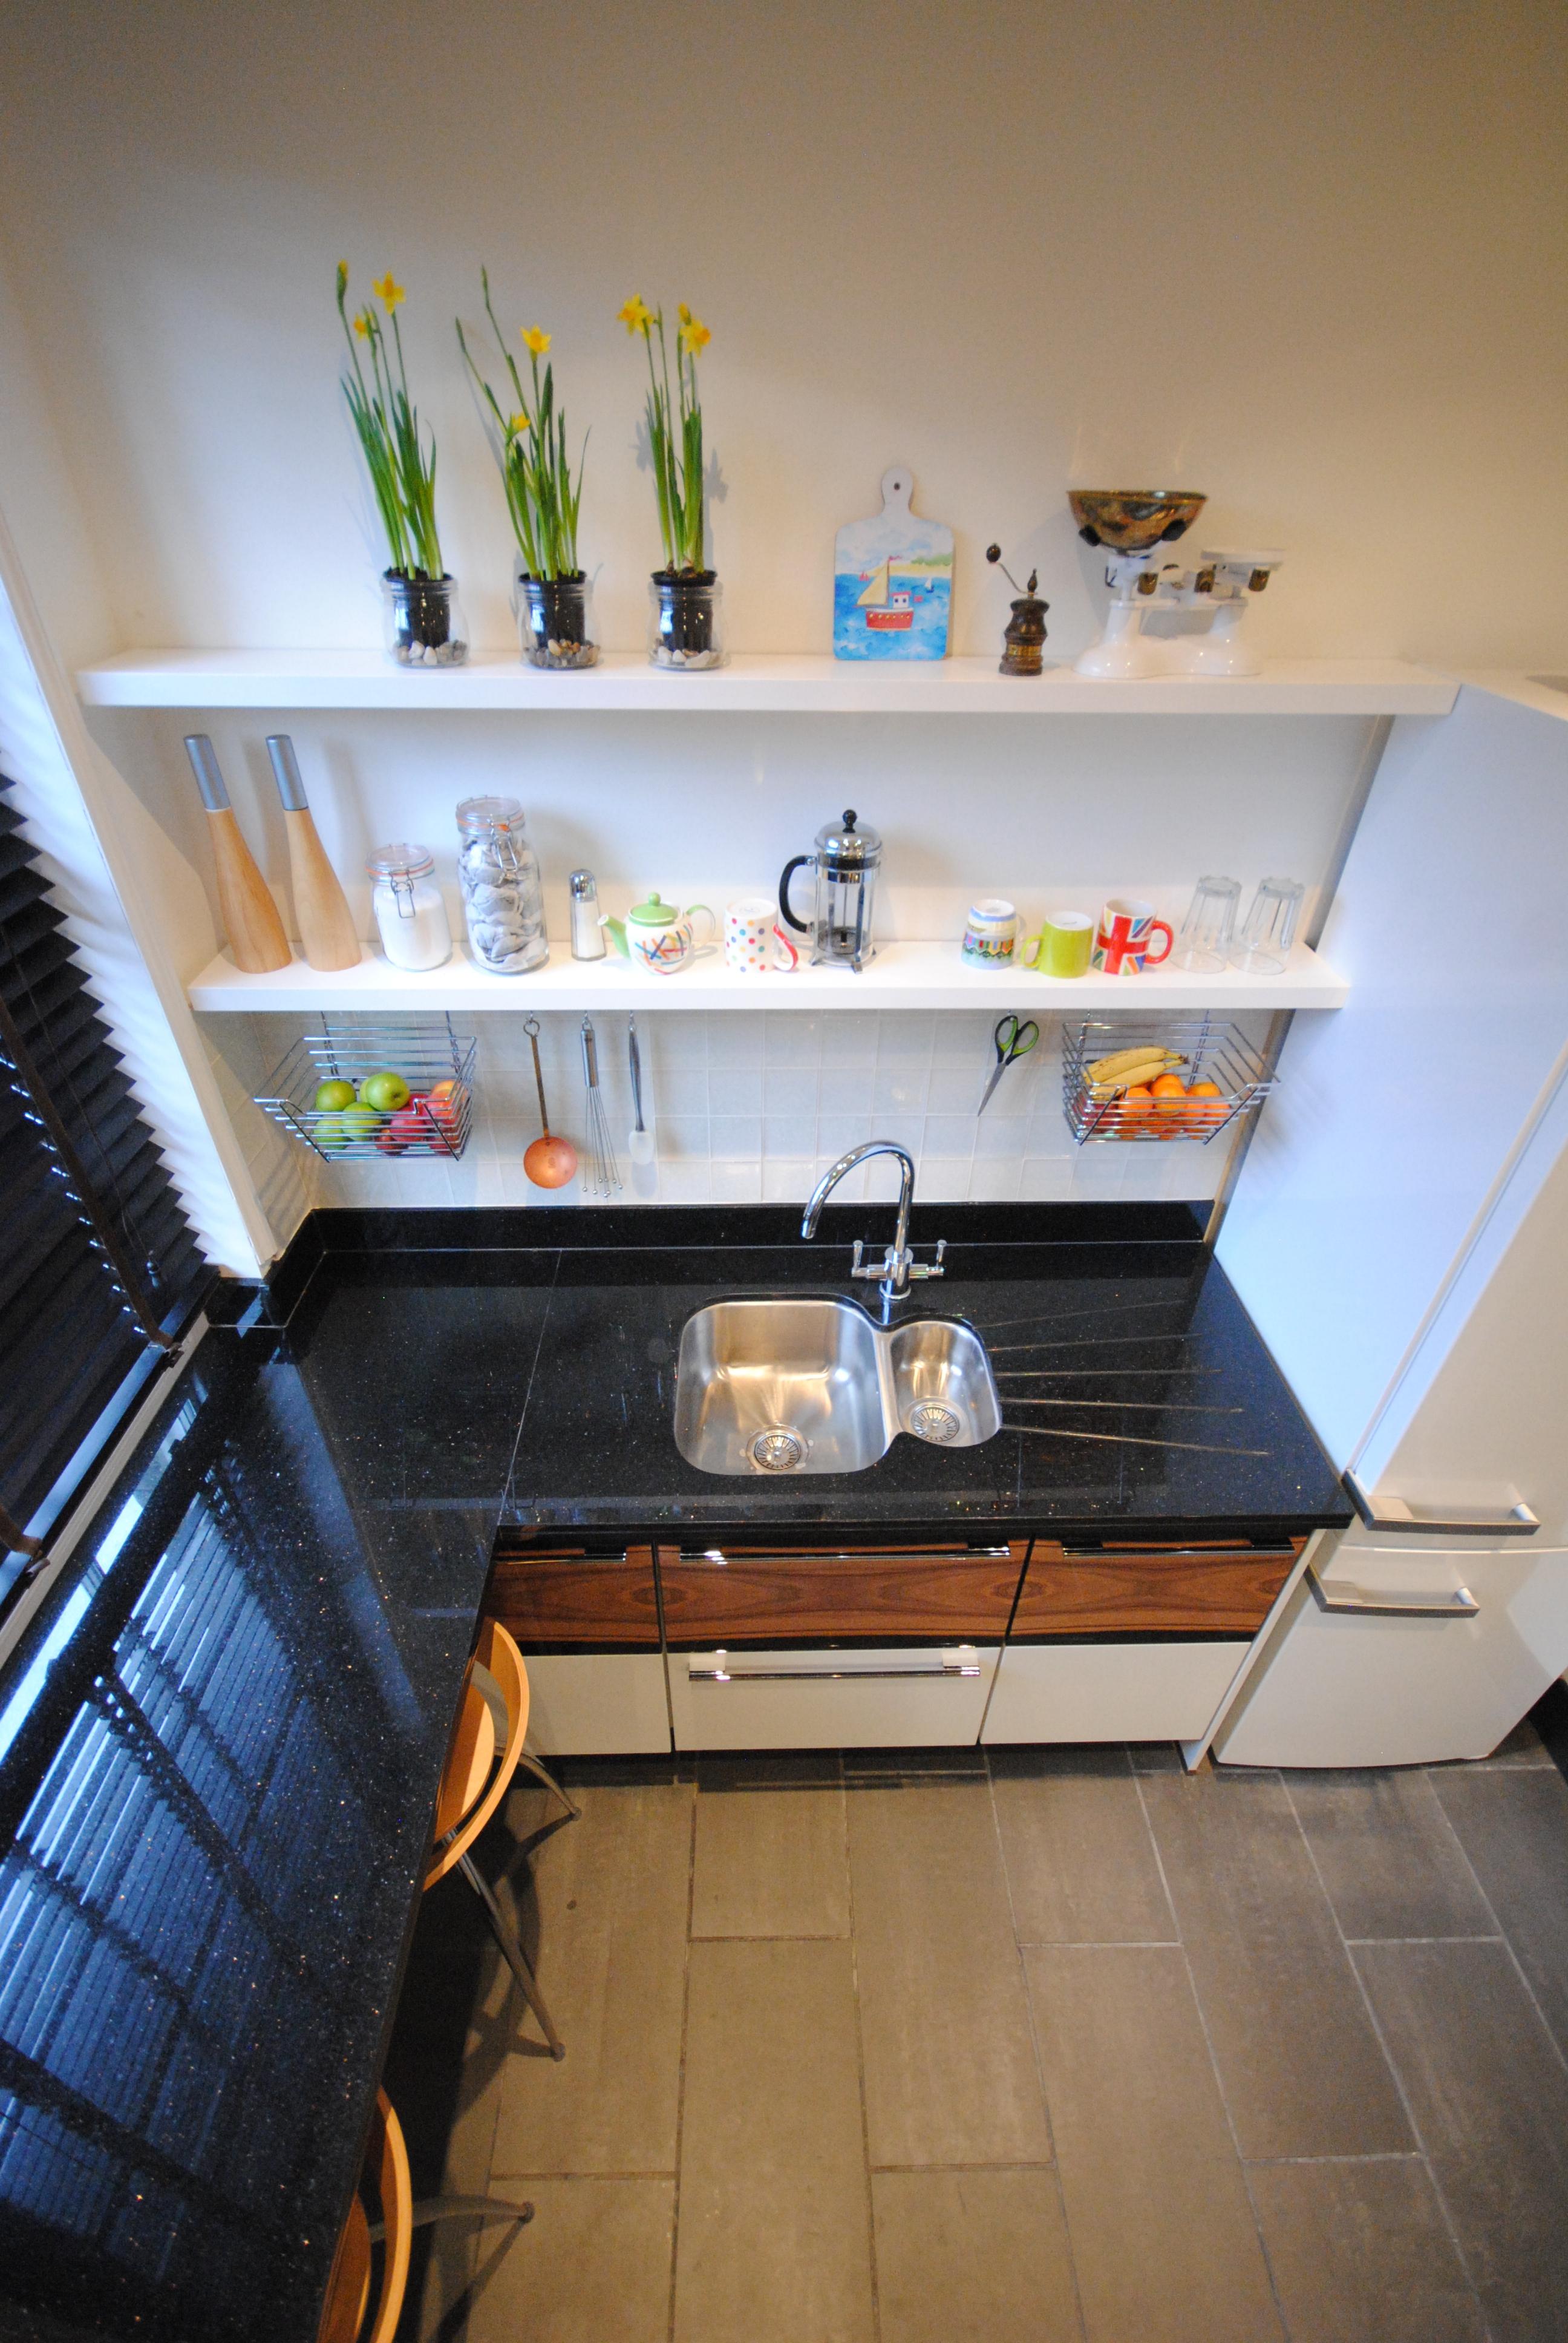 kitchen shelves in white